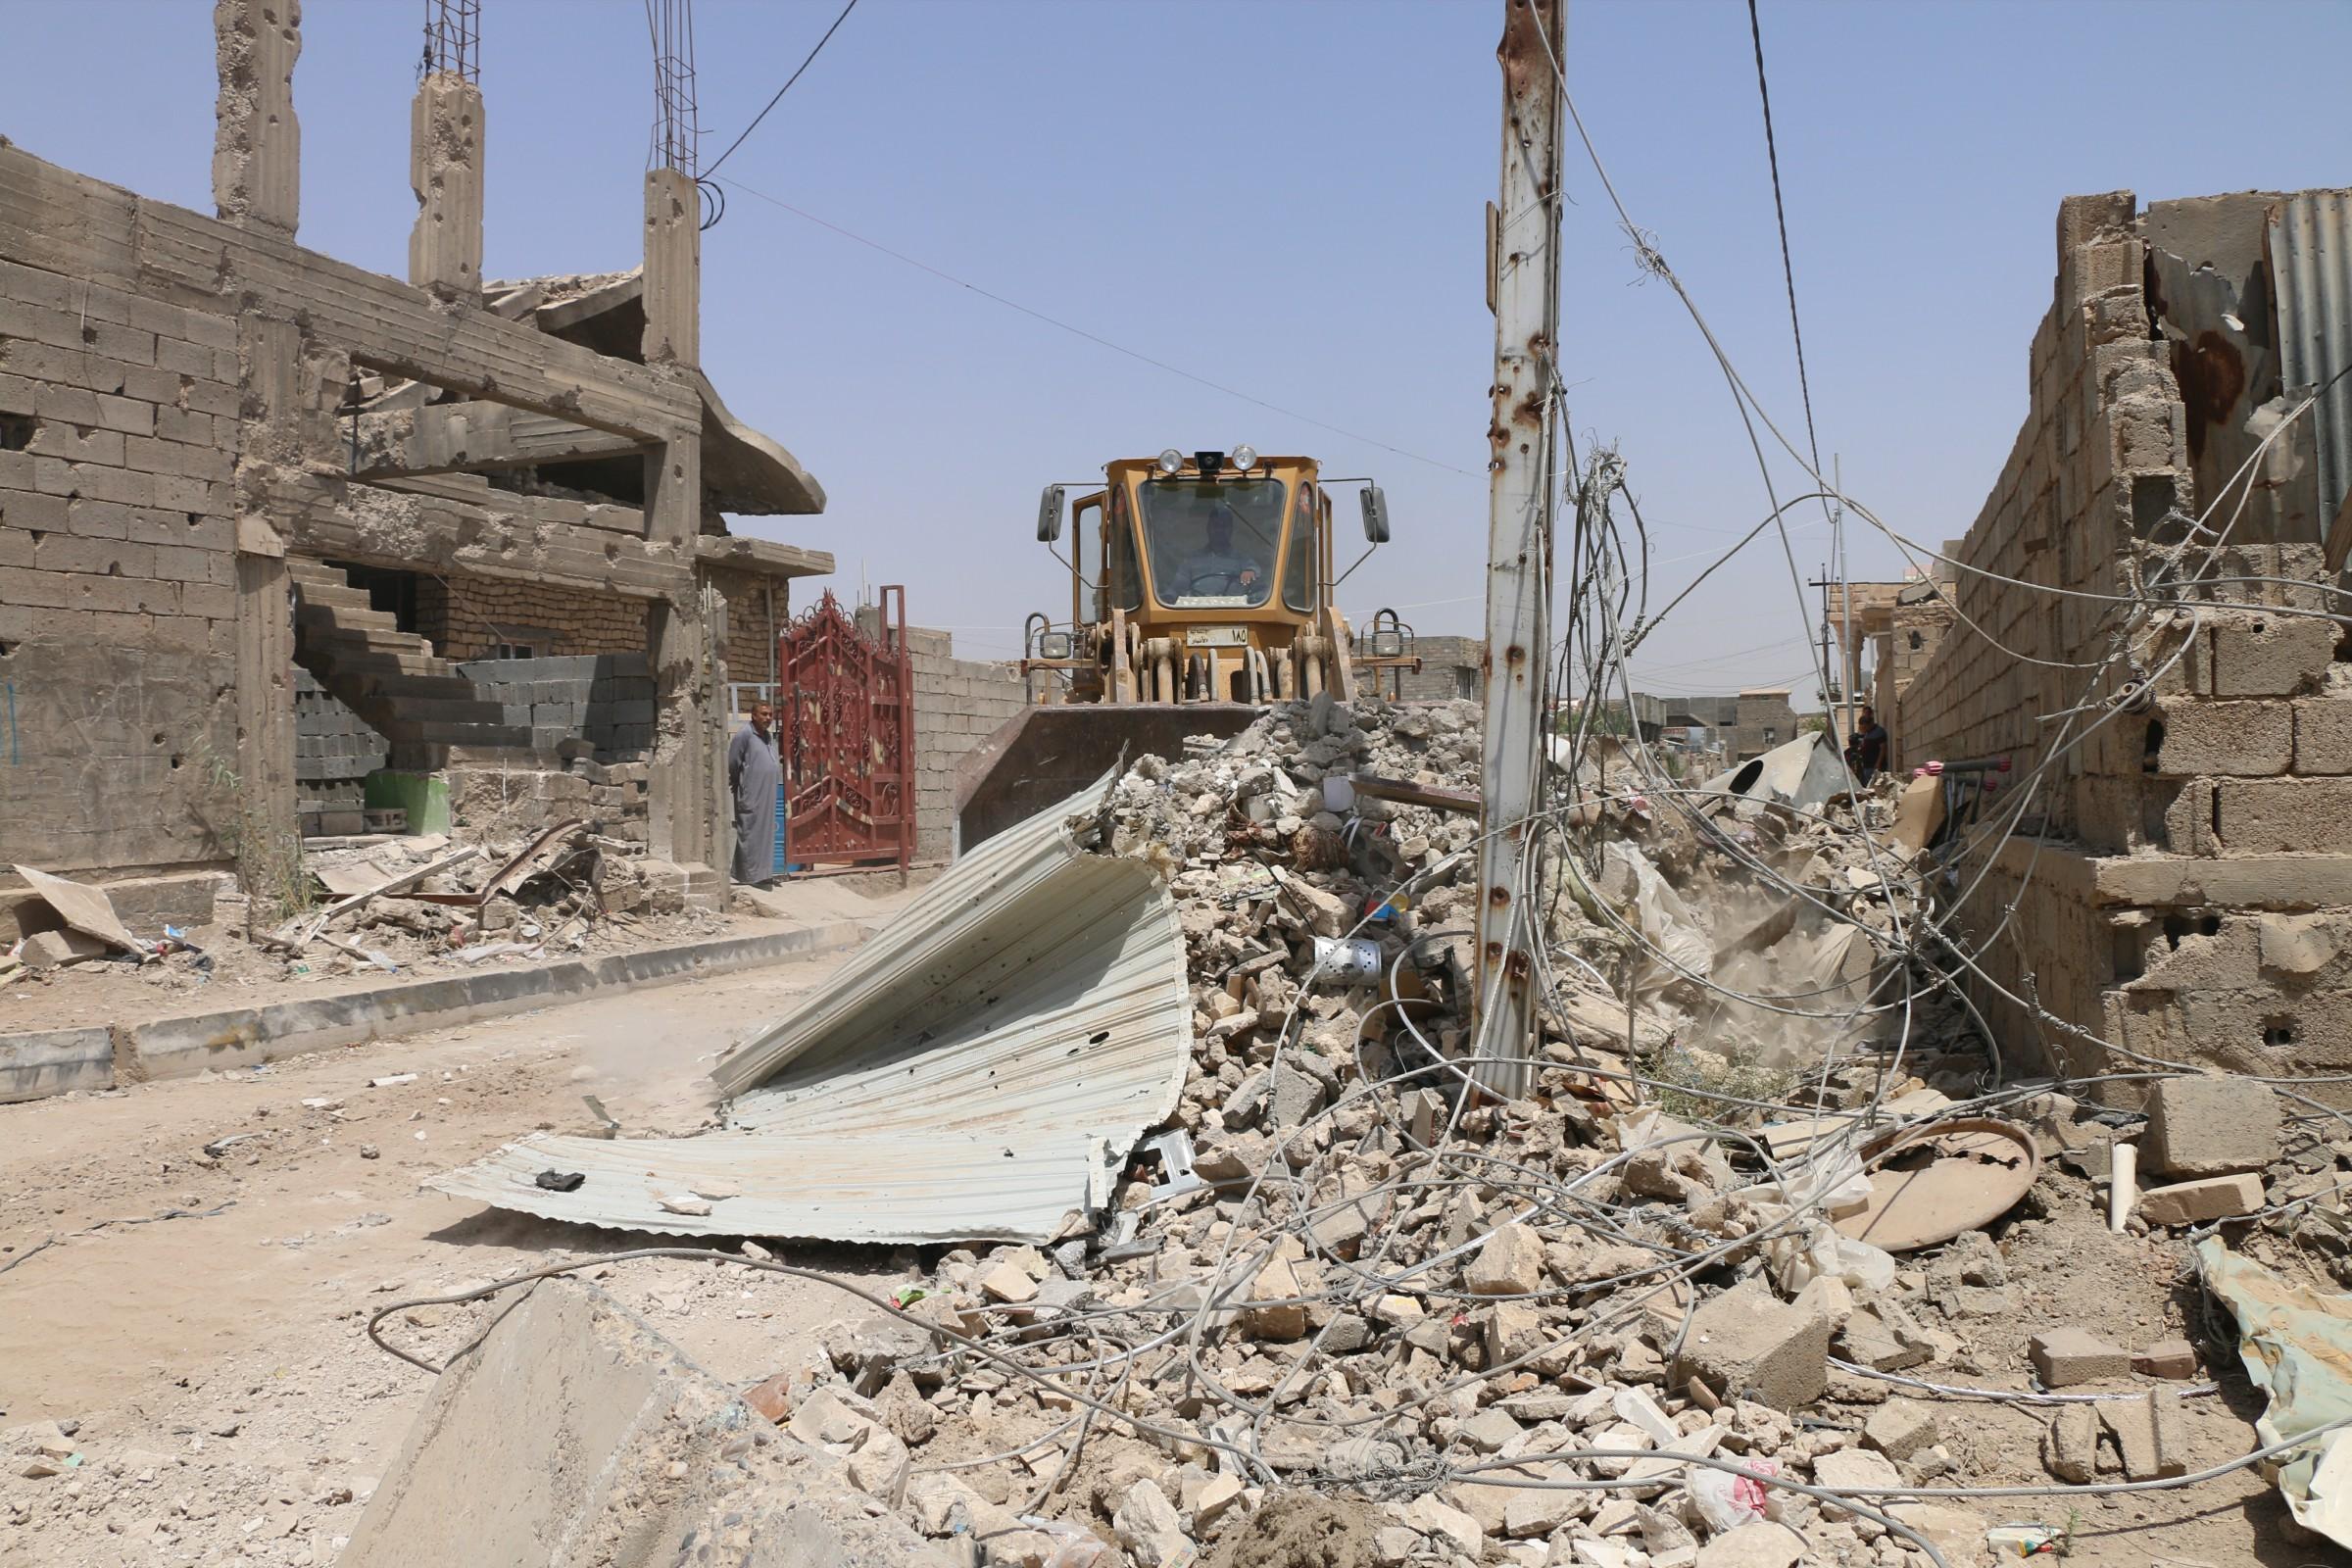 الأمم المتحدة تعيد تأهيل 65 منزلا متضررا بالاعمال الحربية في الرمادي